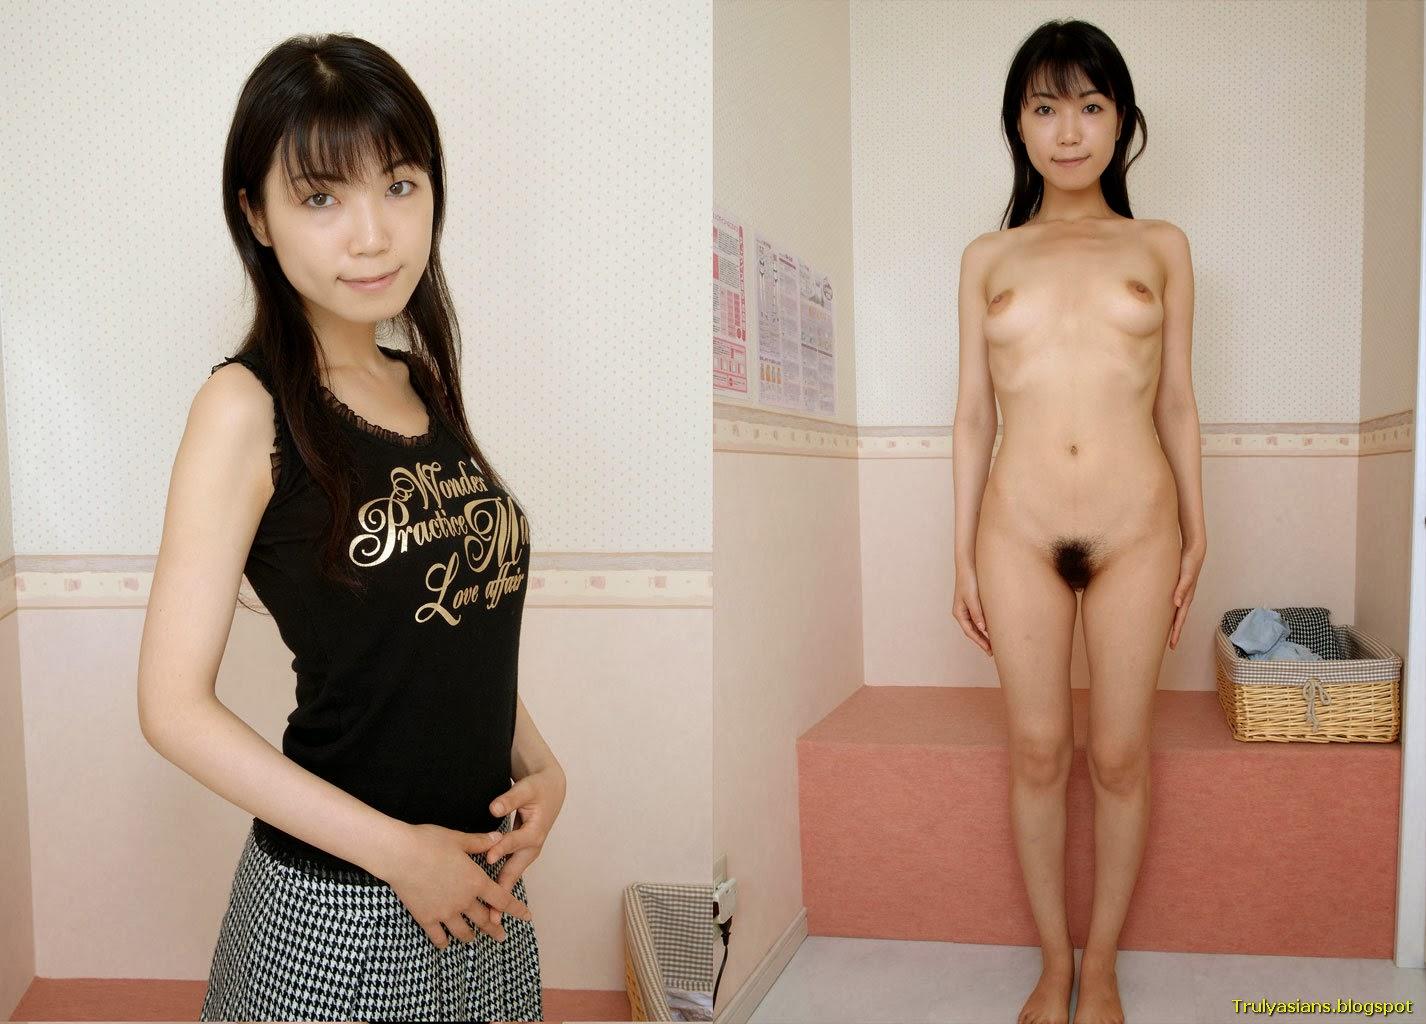 Японские тёлочки в медицинском учреждении на медосмотре ...